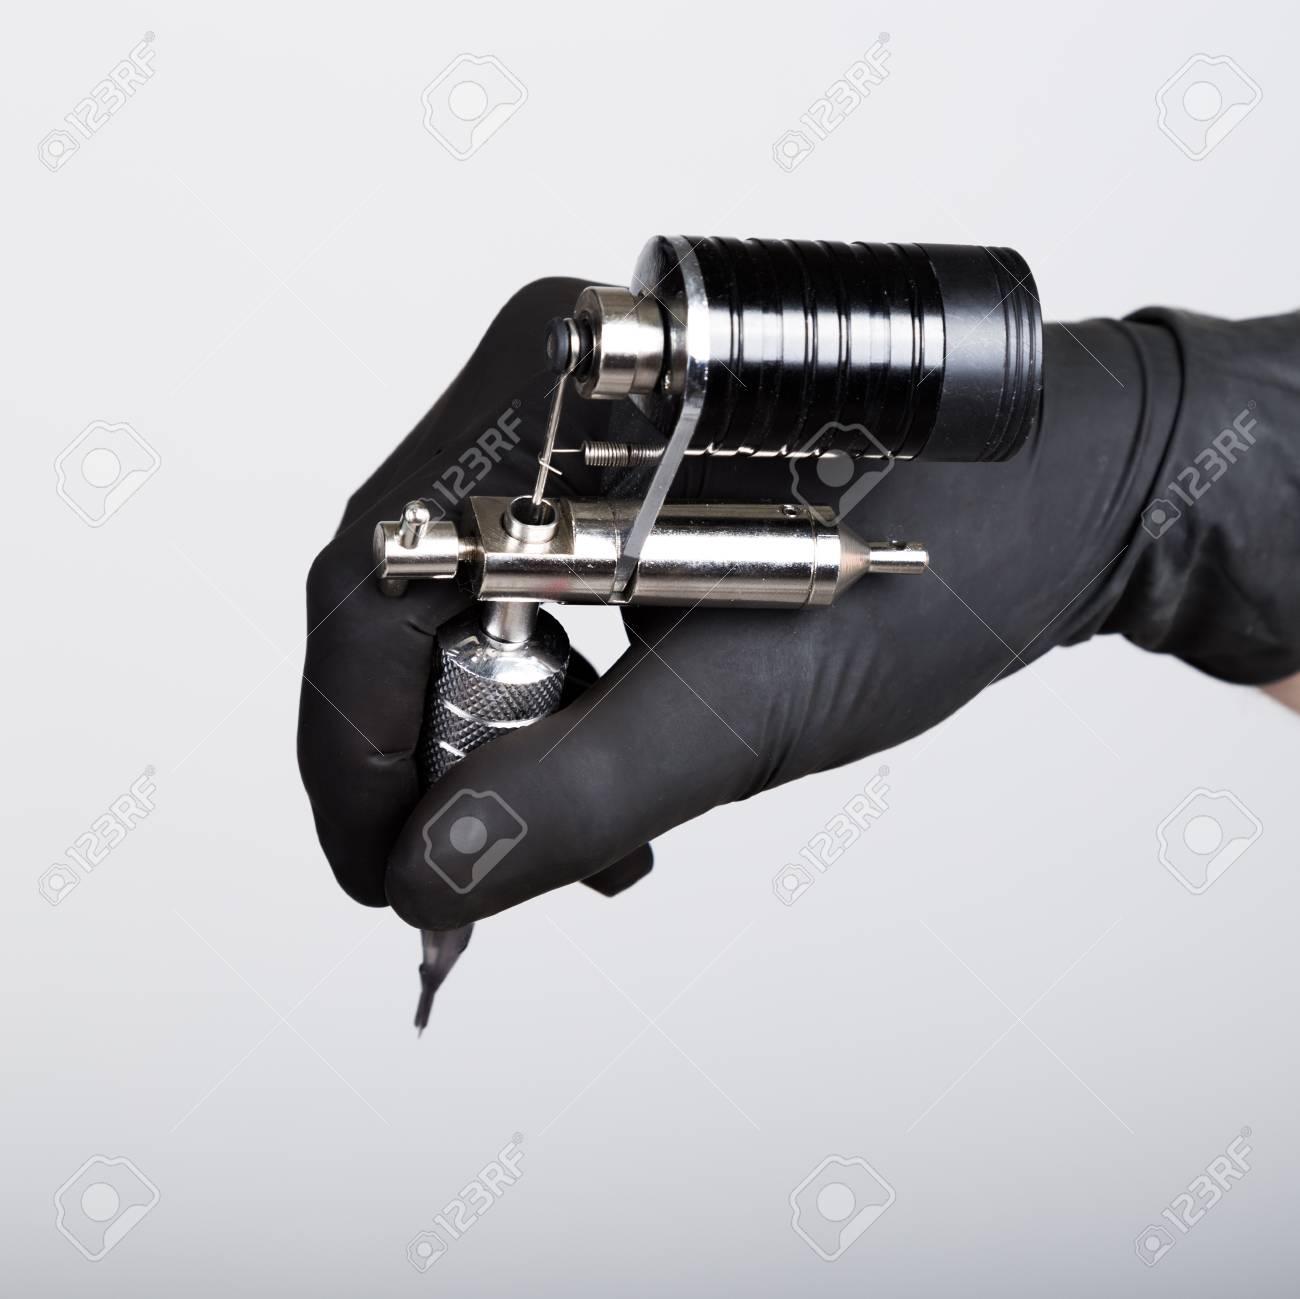 2f950804b42bb Banque d'images - Gros plan des mains dans des gants noirs tatoueur avec  machine à tatouer.